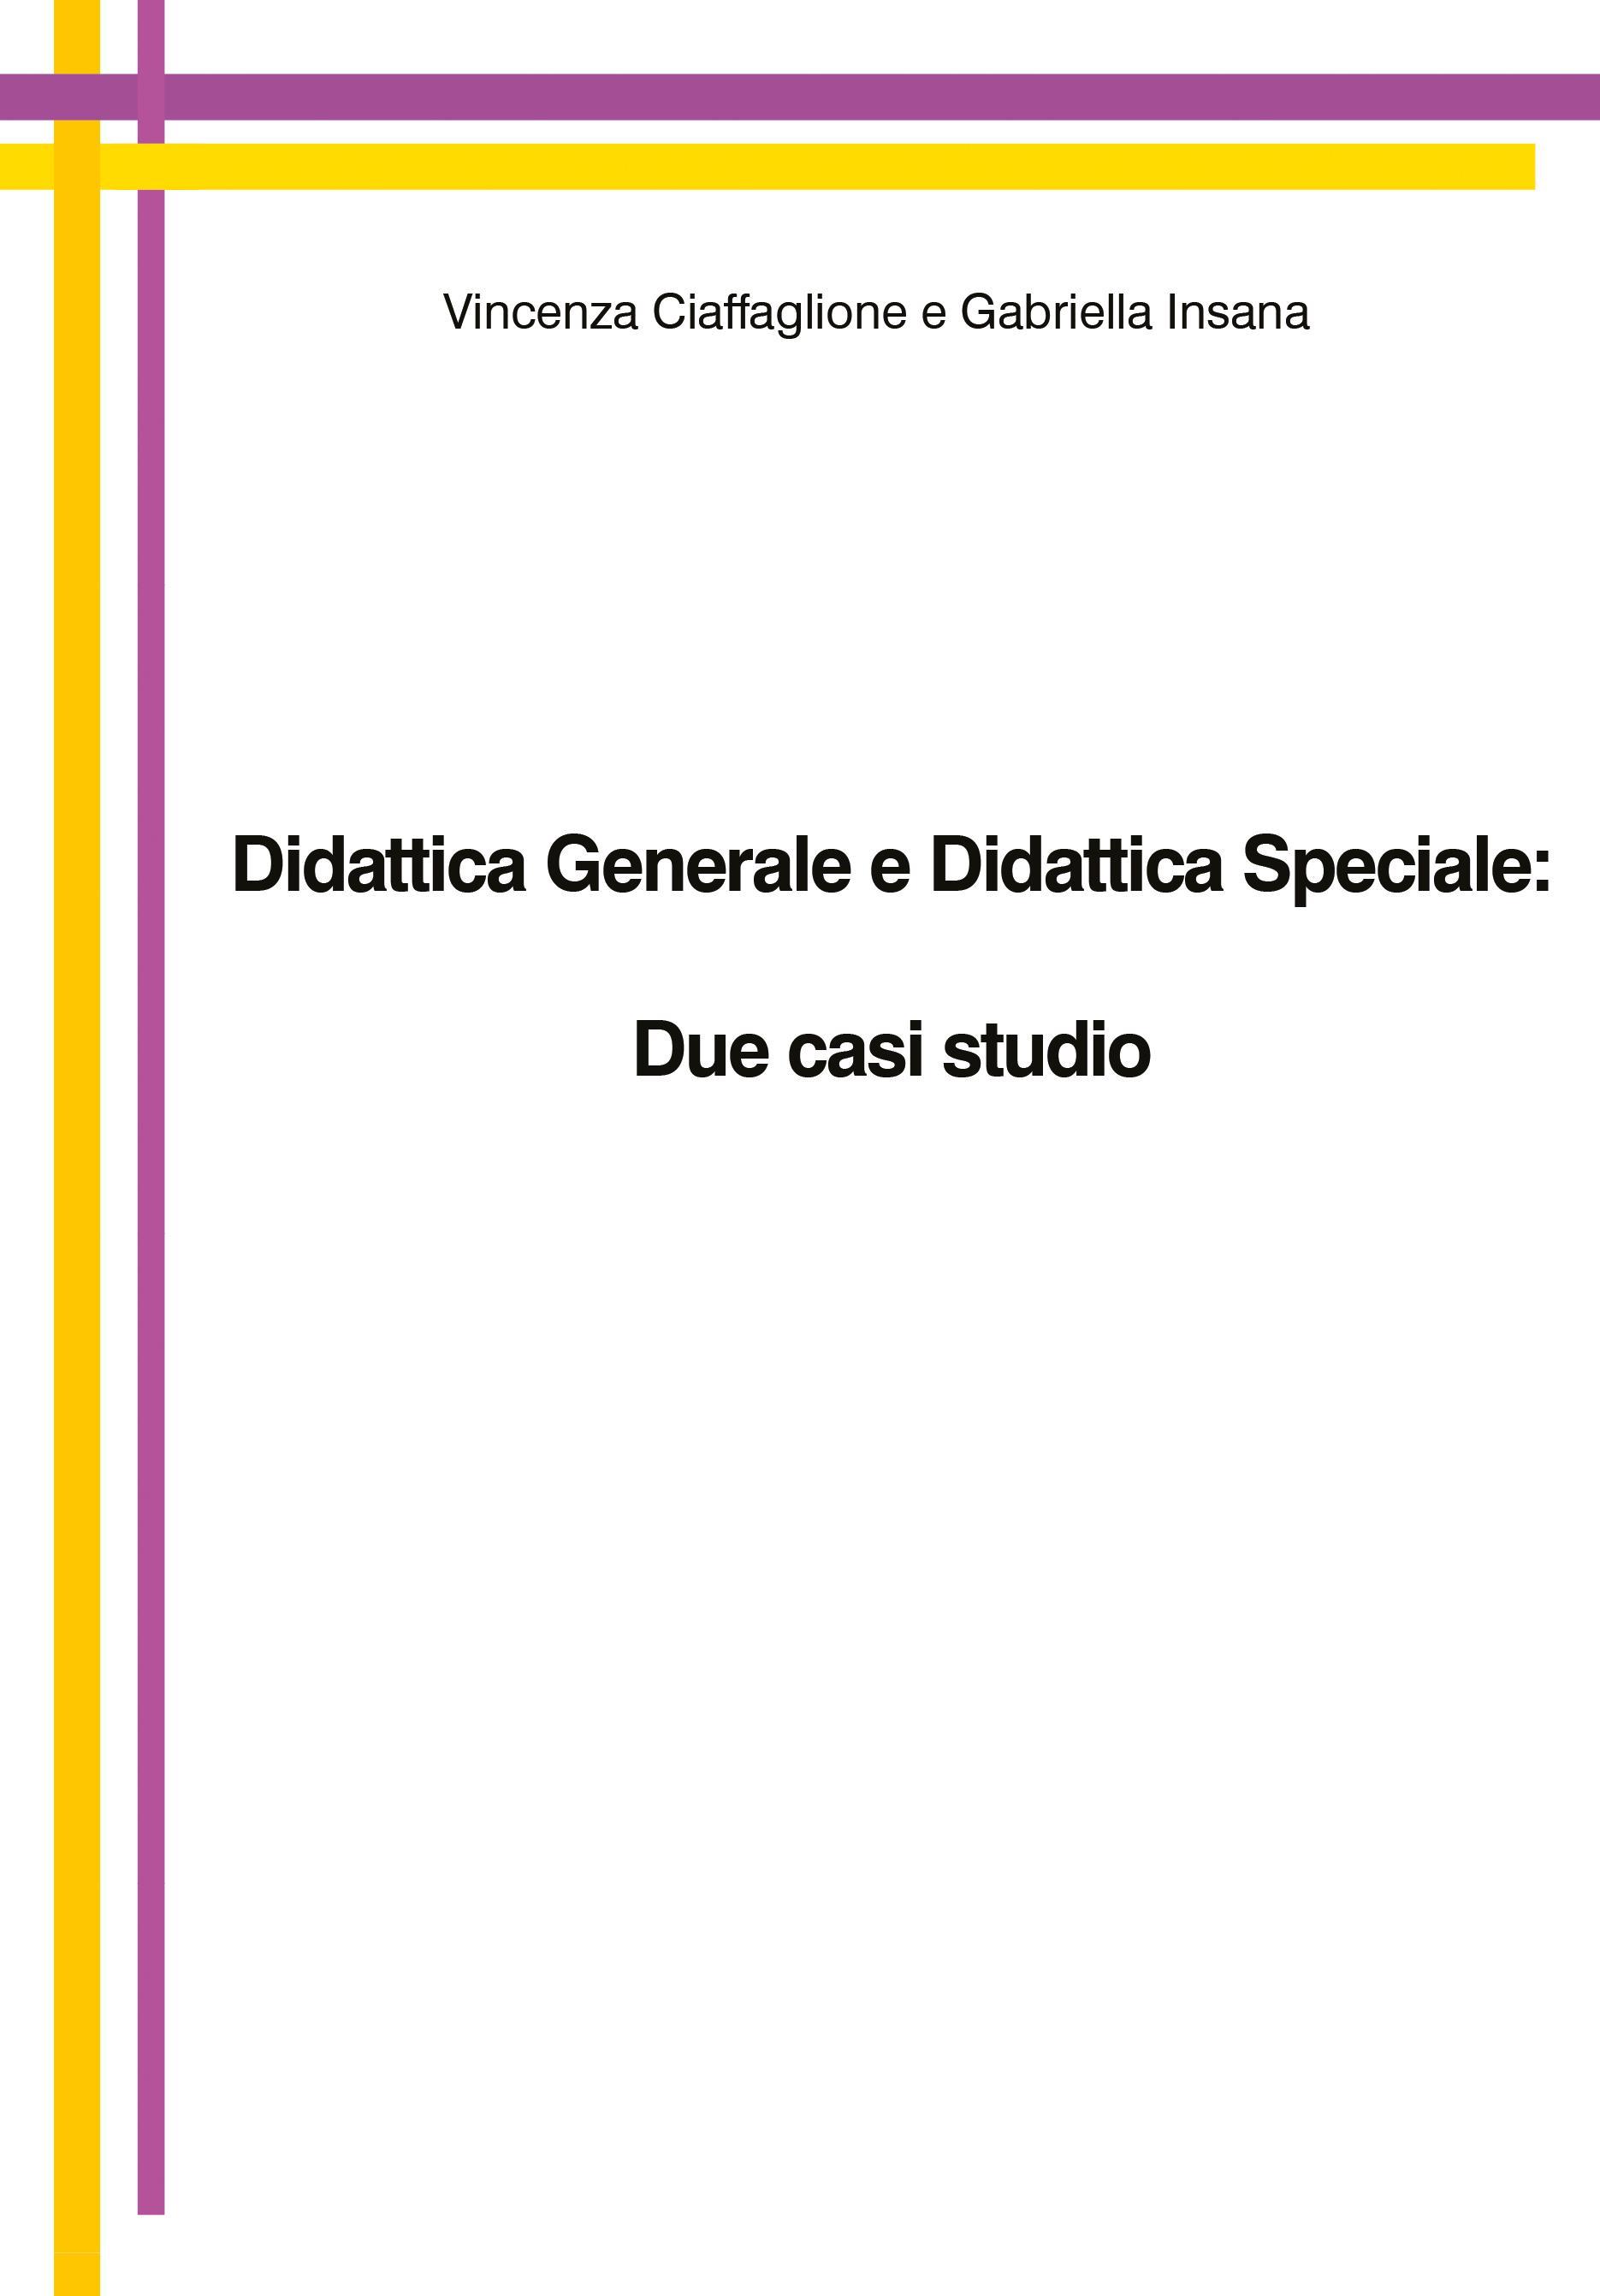 Didattica Generale e Didattica Speciale: Due casi studio